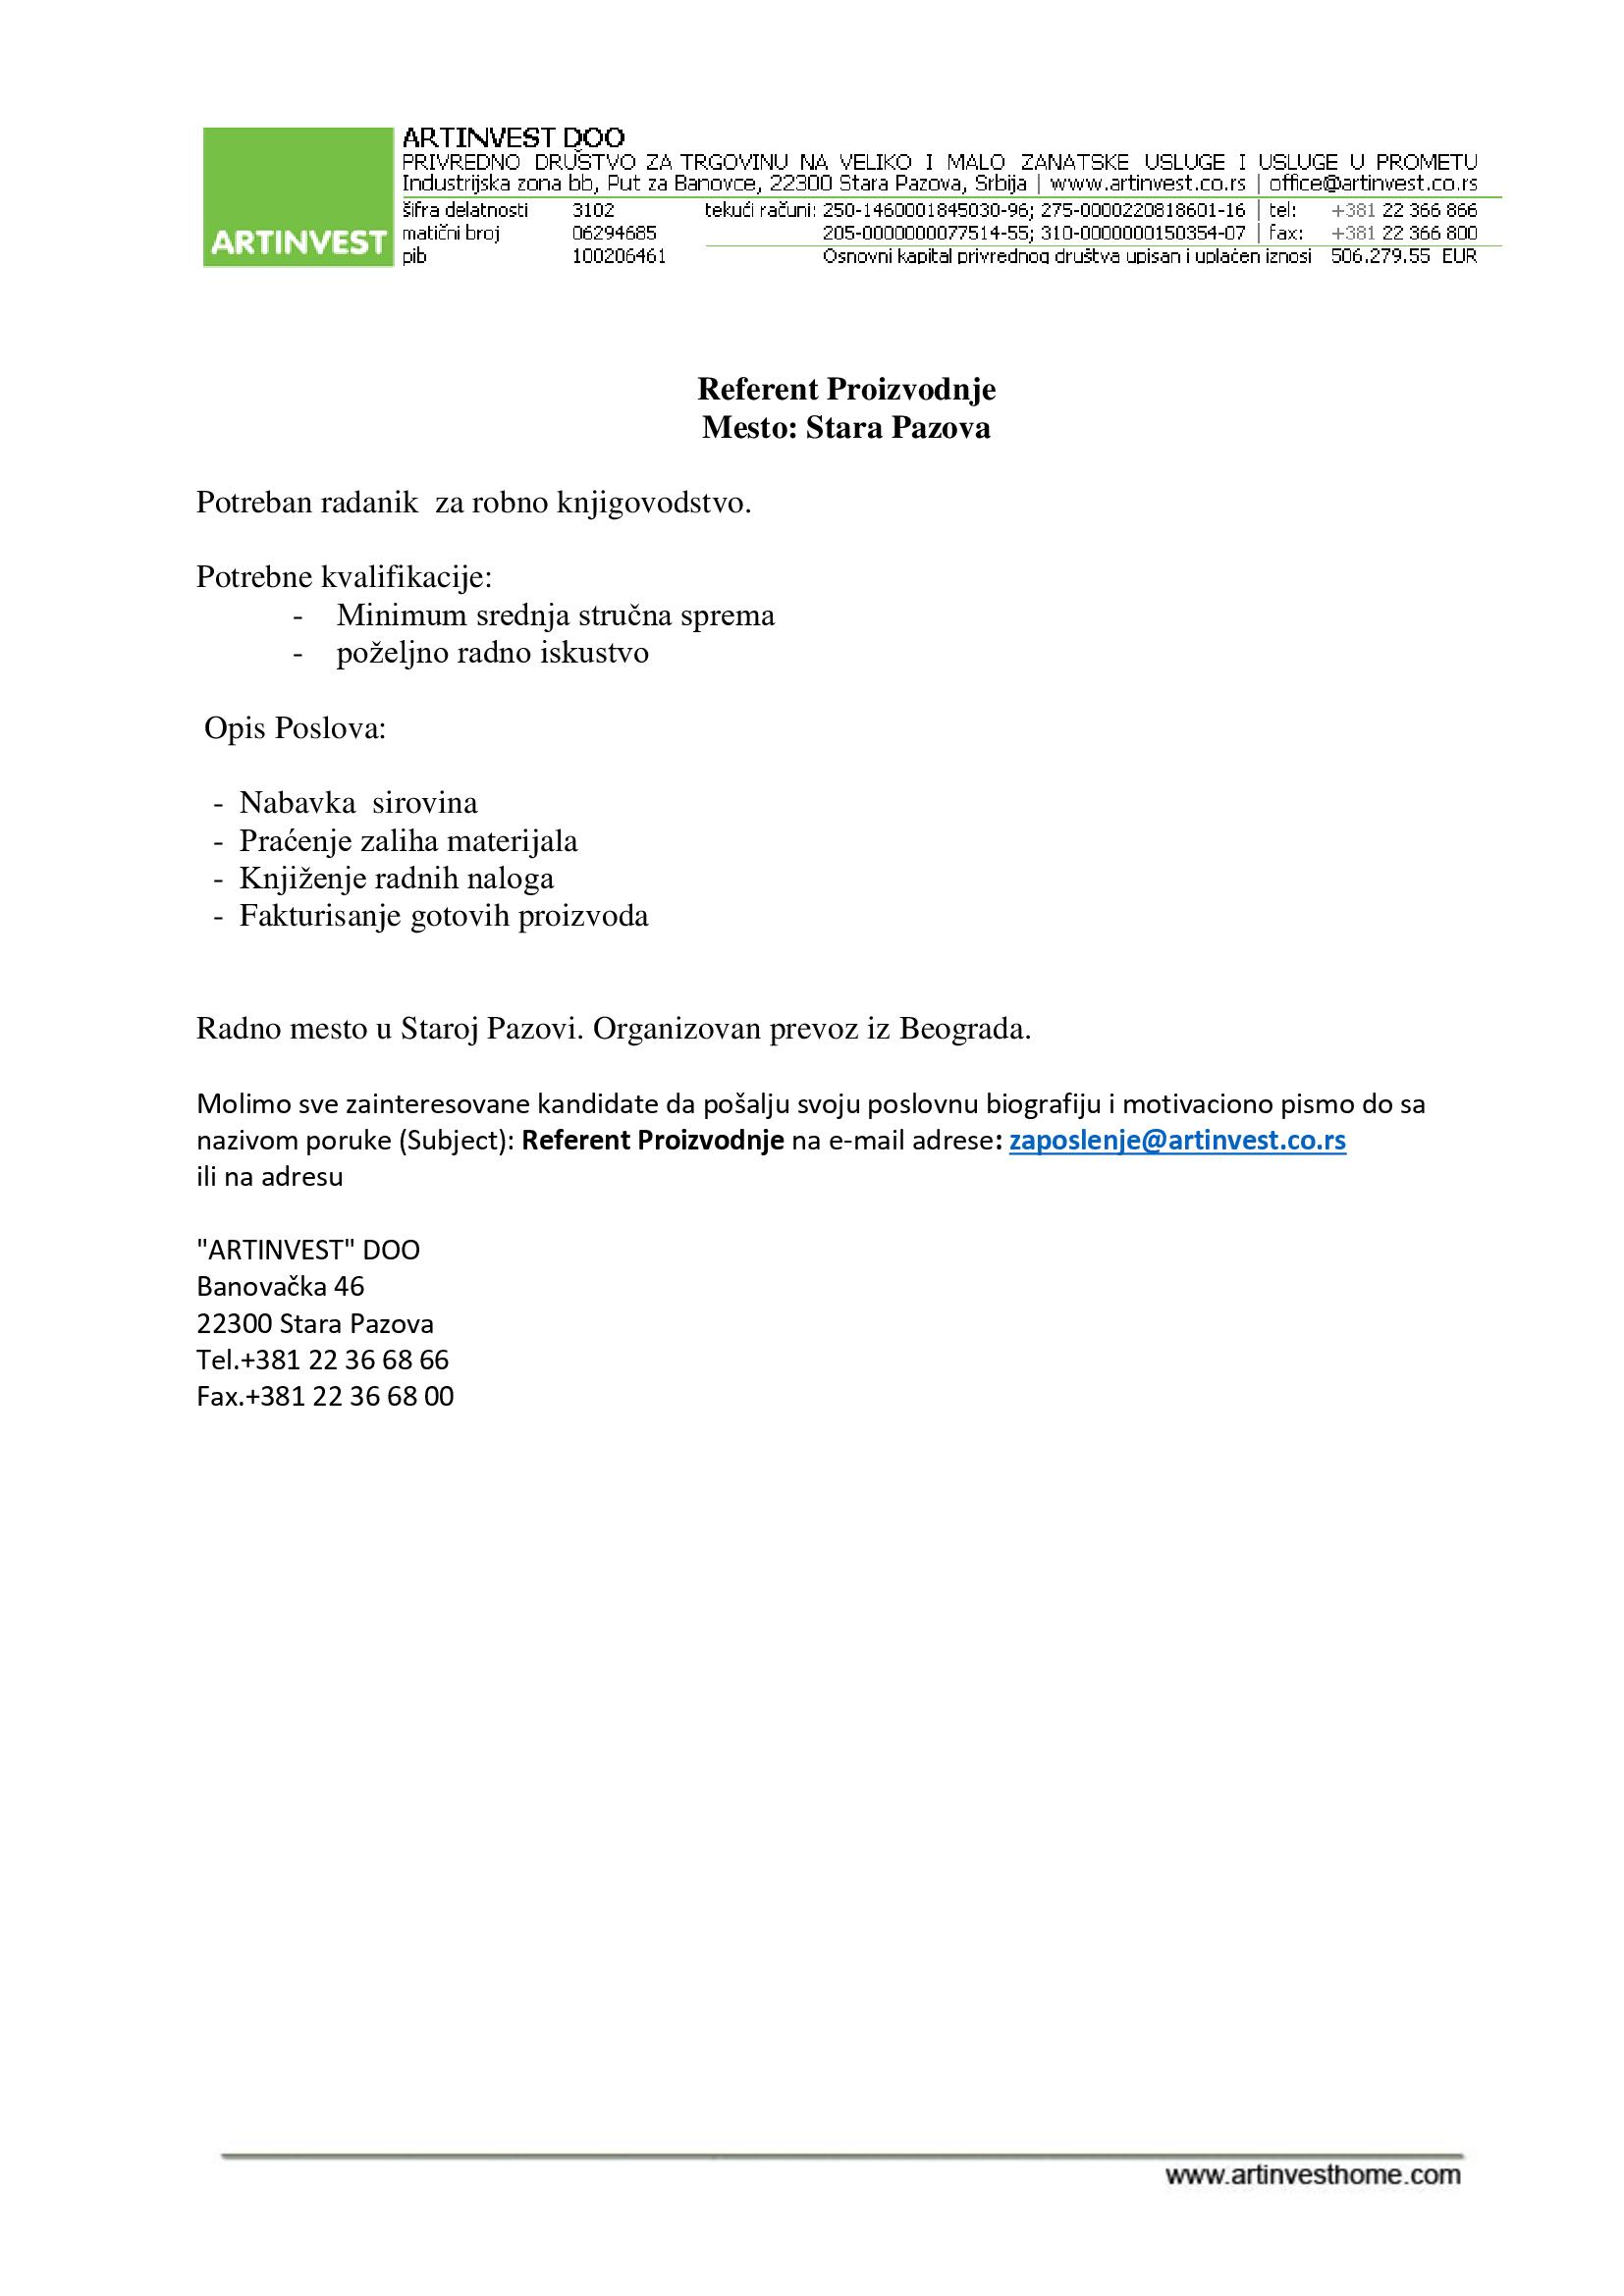 Referent-Proizvodnje-1_1